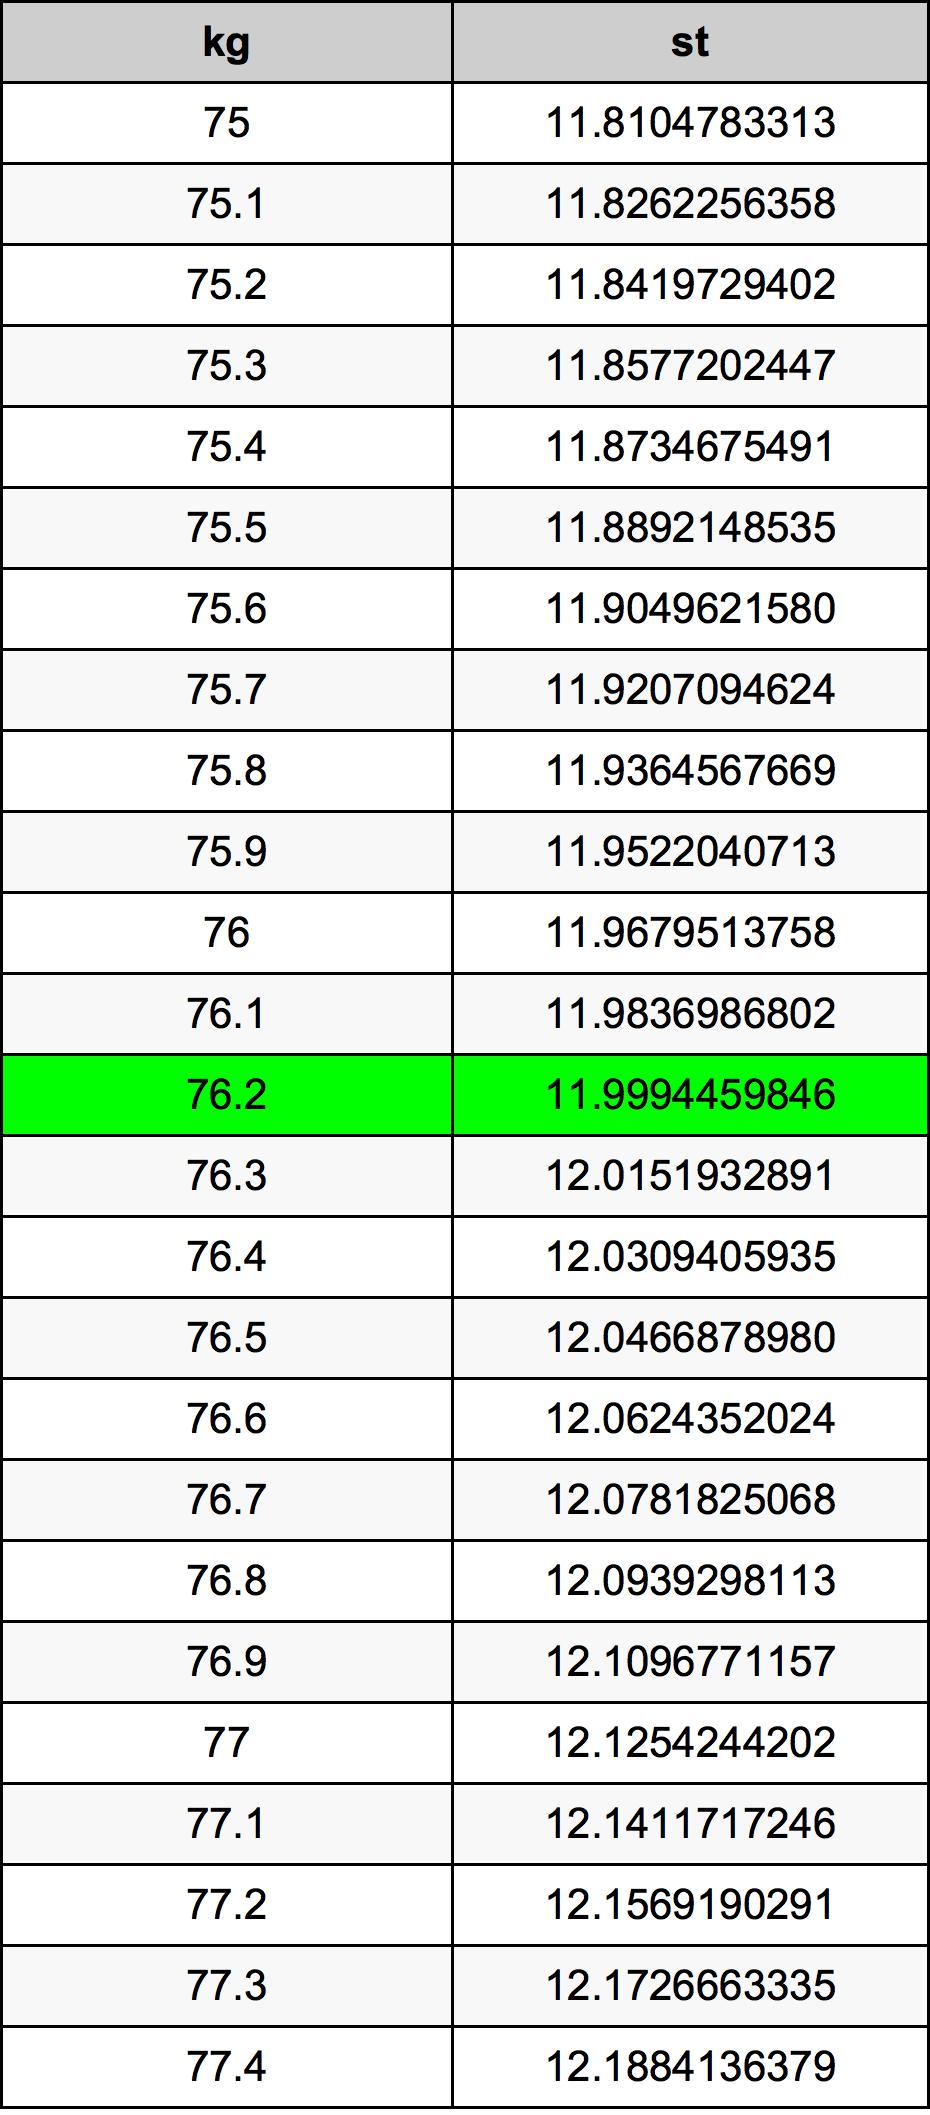 76.2 Kilogramo Tabla de conversión